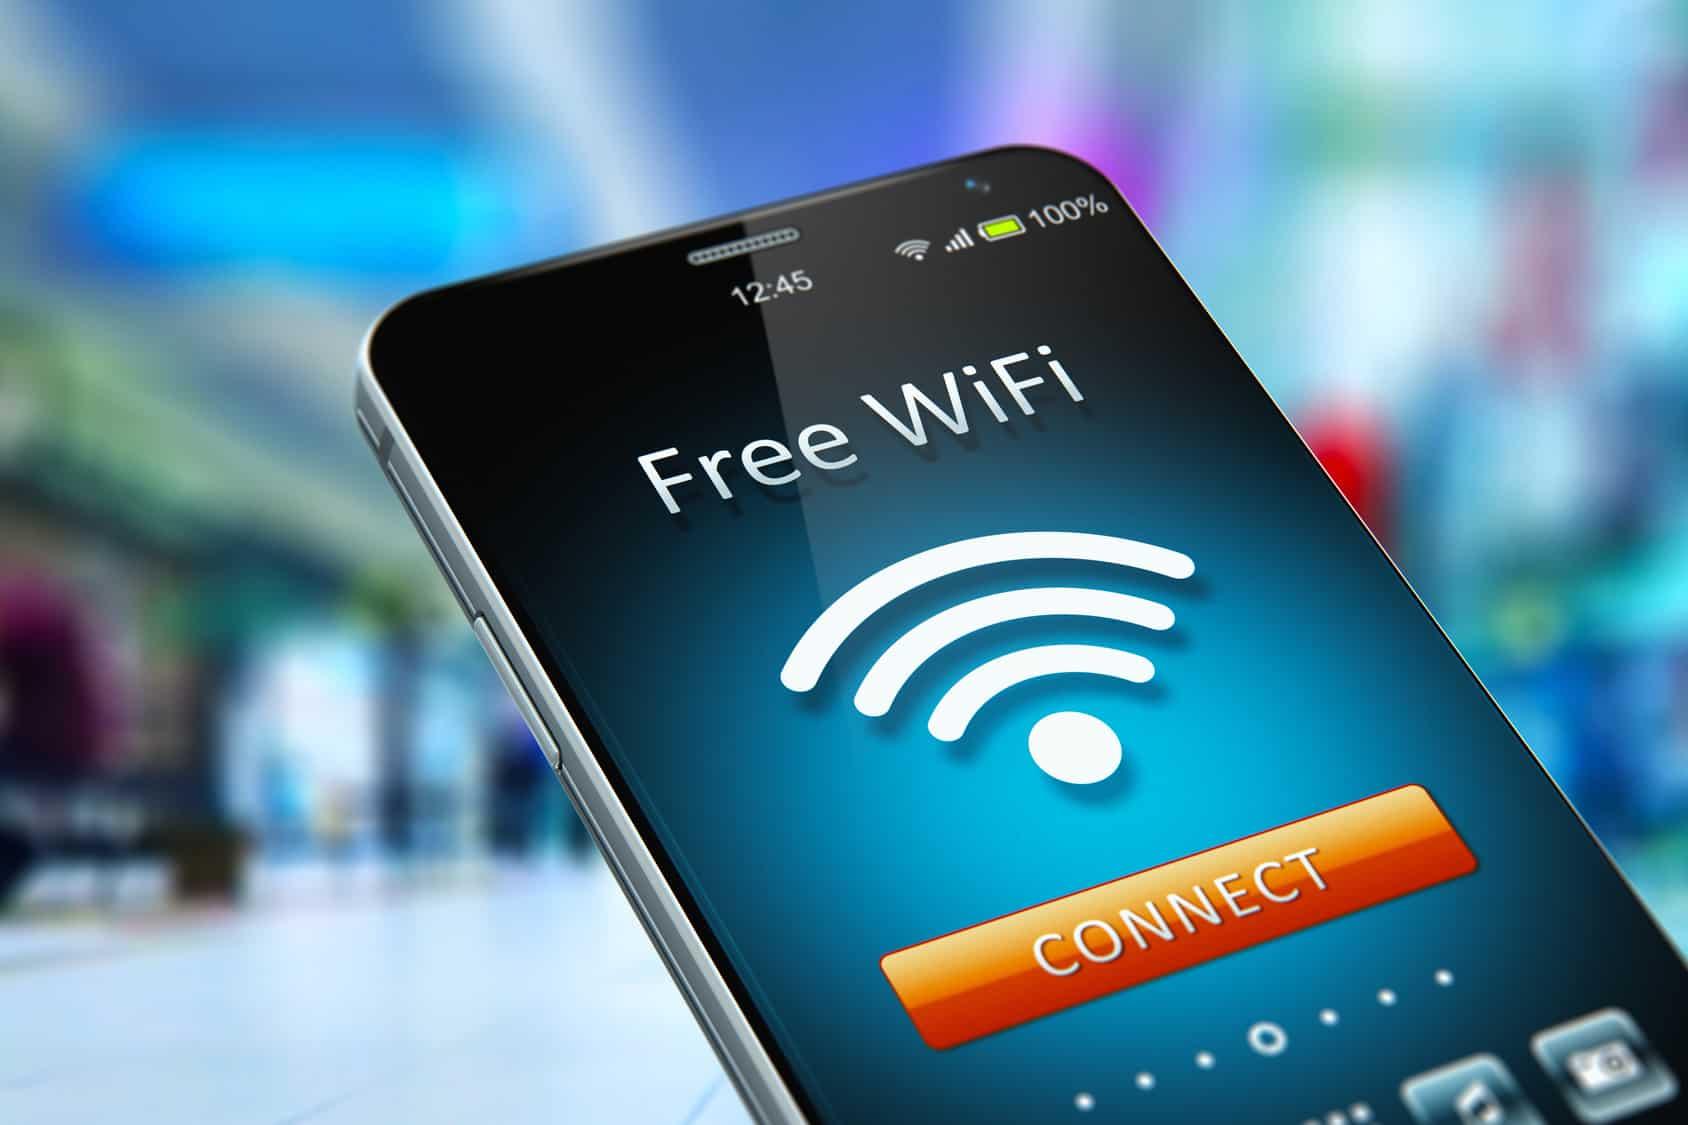 El IFT explicó que la VPN permite cifrar los datos que se envían y reciben mientras se usa una red pública, lo que, apuntó, asegura todo tipo de información.